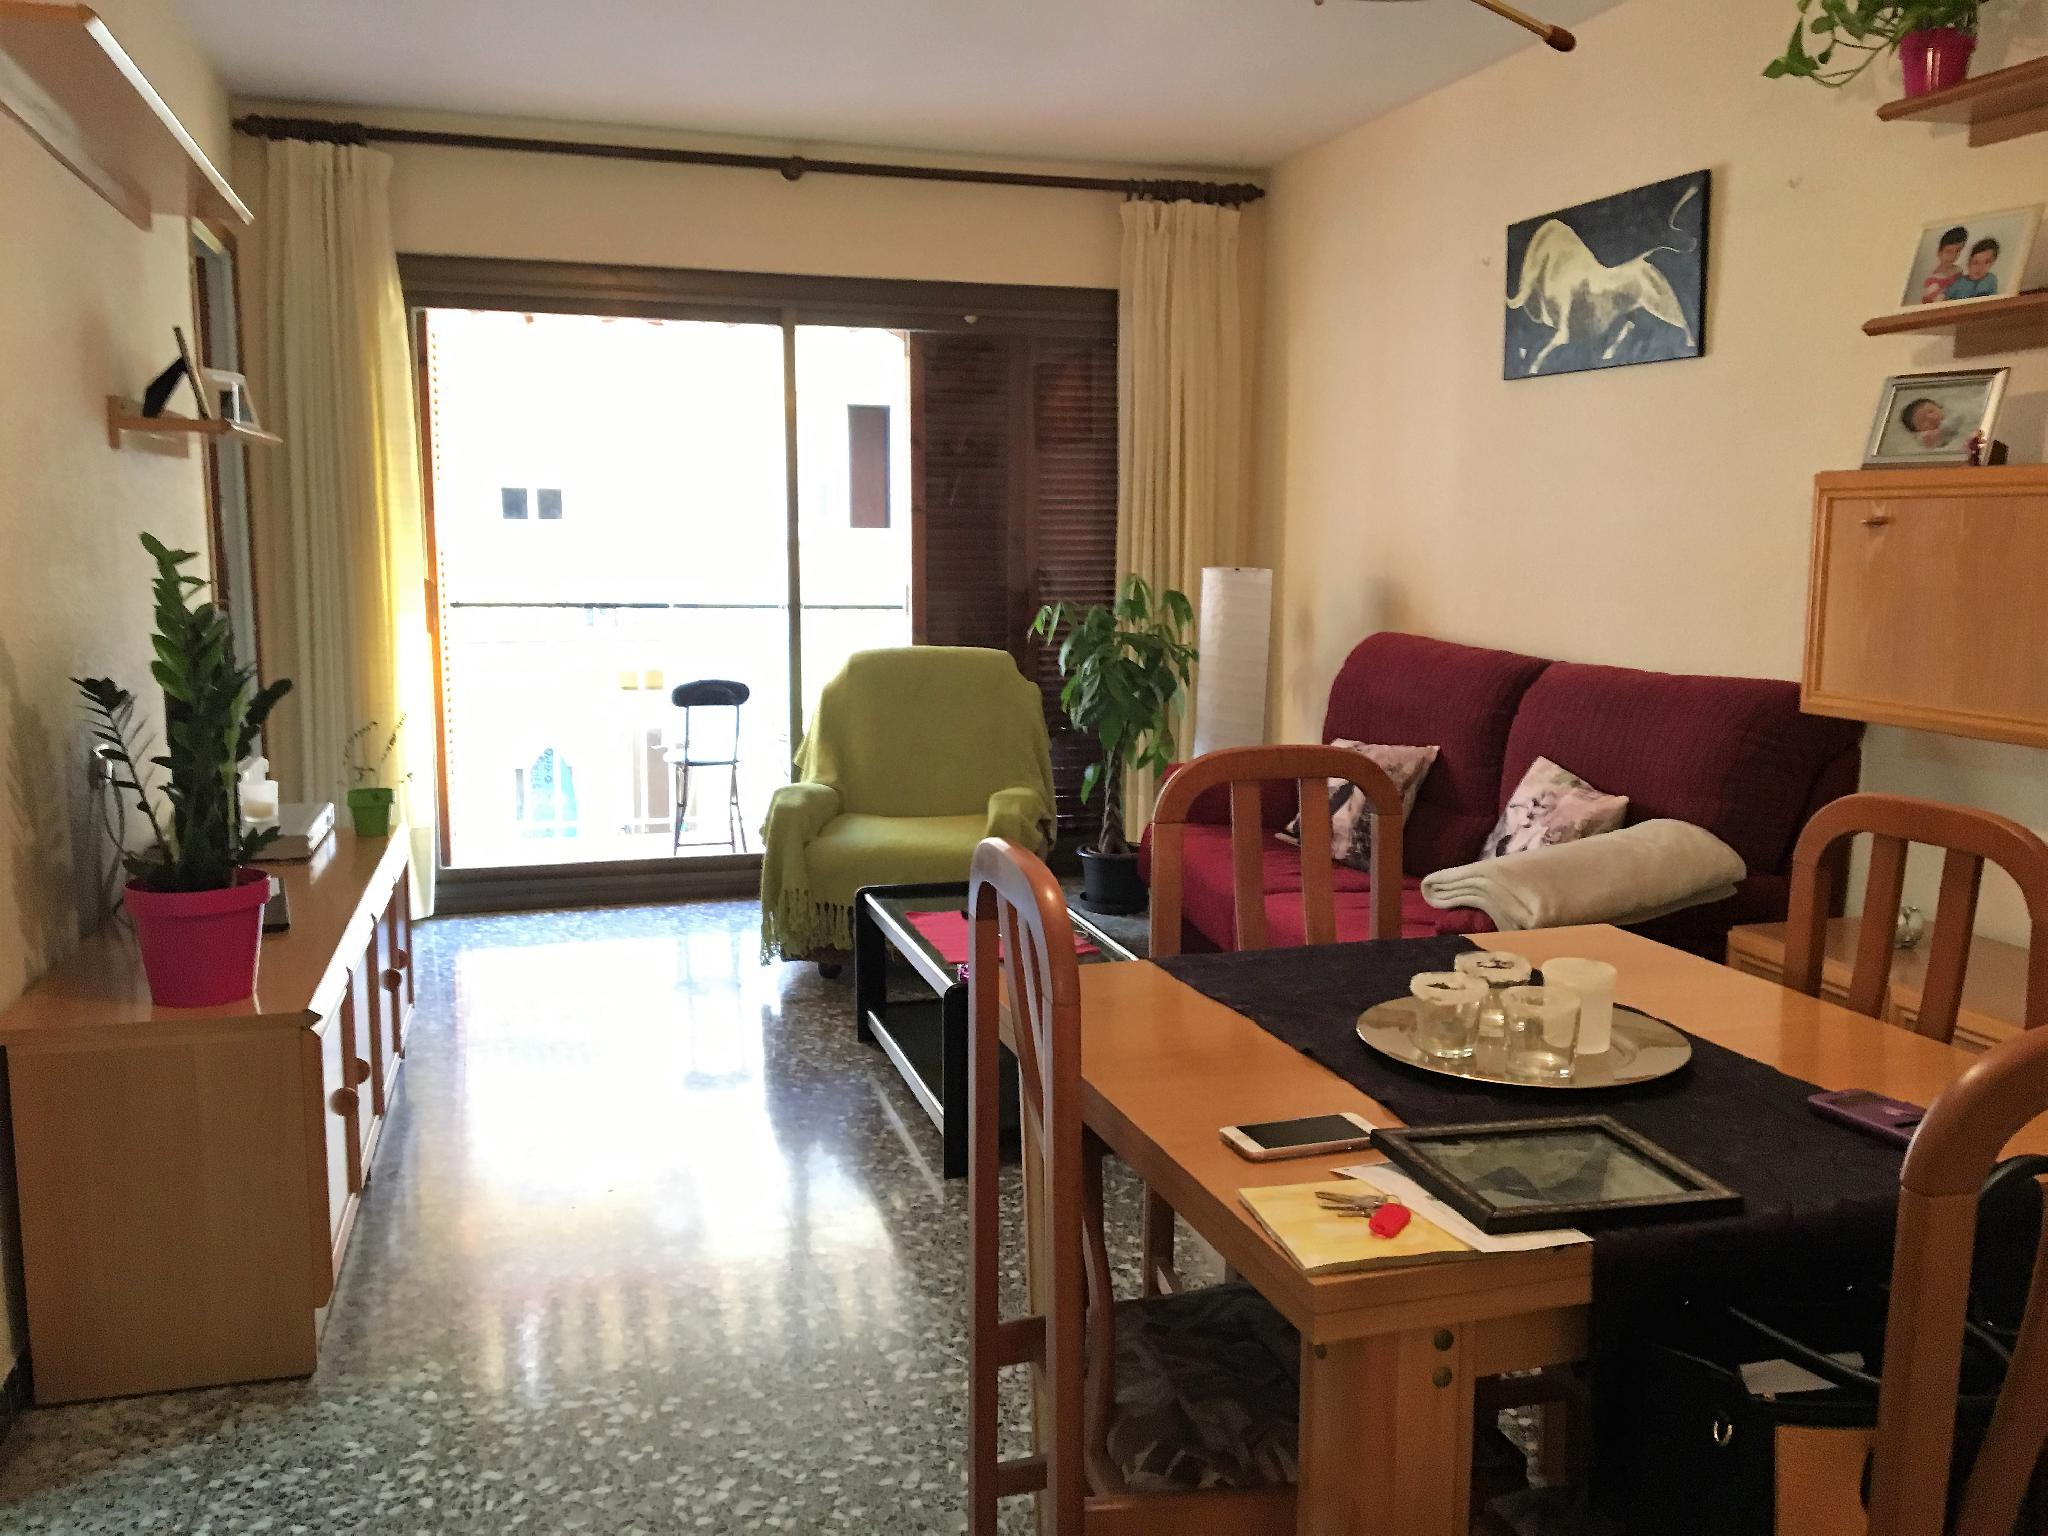 Piso vilanova i la geltr barcelona 174070 for Piso 600 euros barcelona